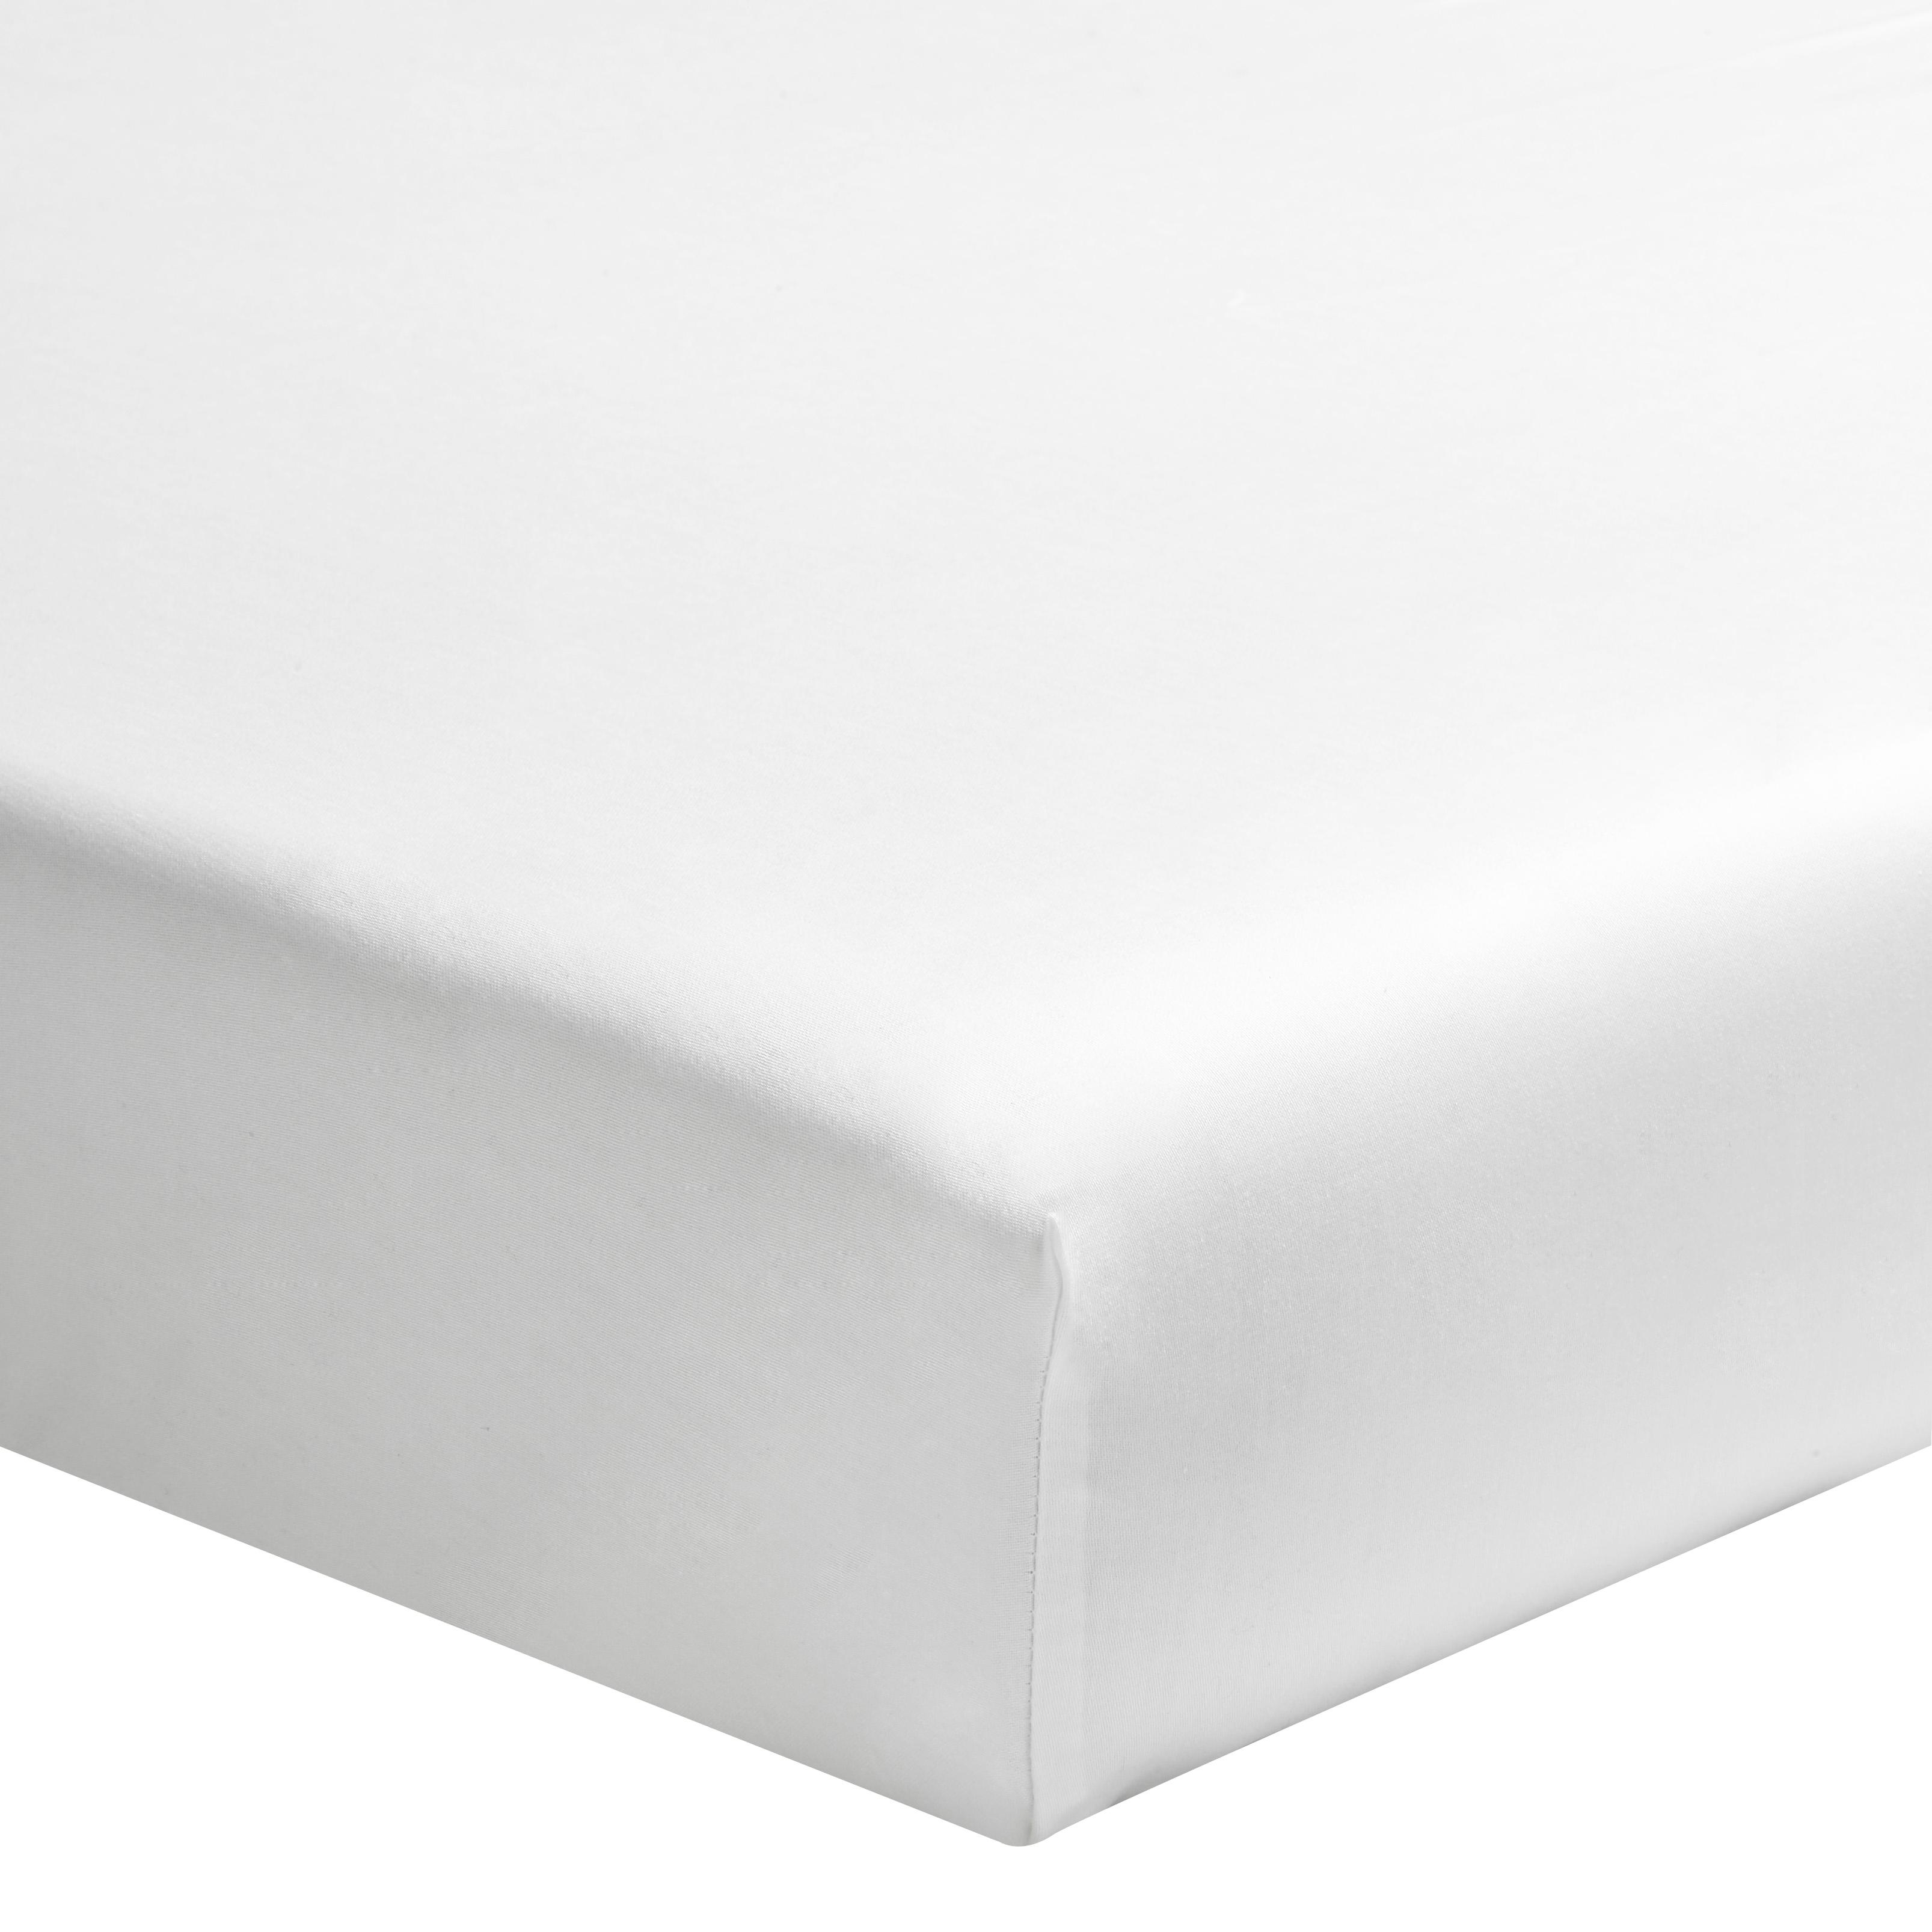 Drap housse uni en percale de coton blanc 80x200